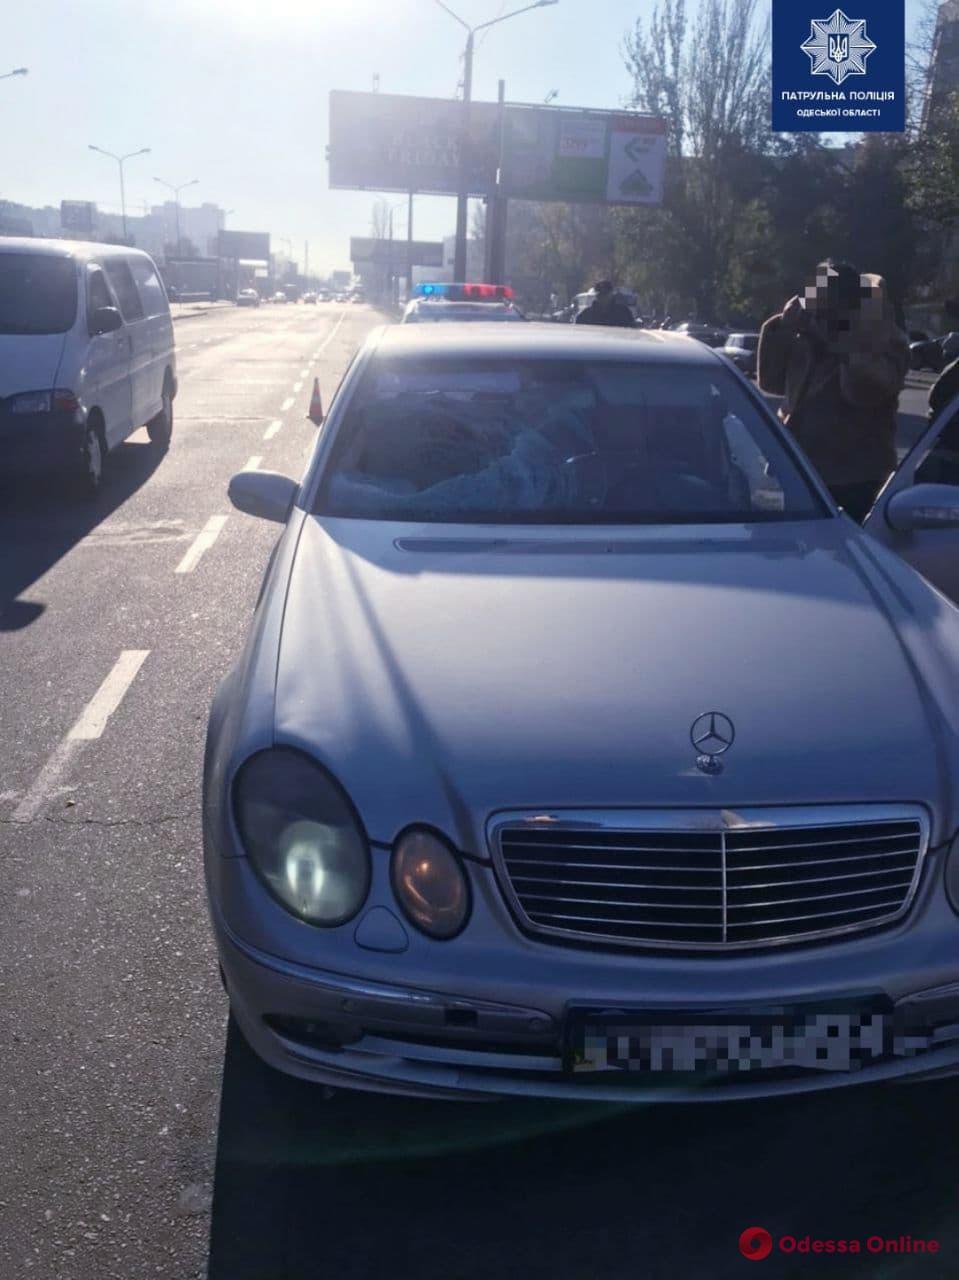 На поселке Котовского Mercedes сбил мужчину